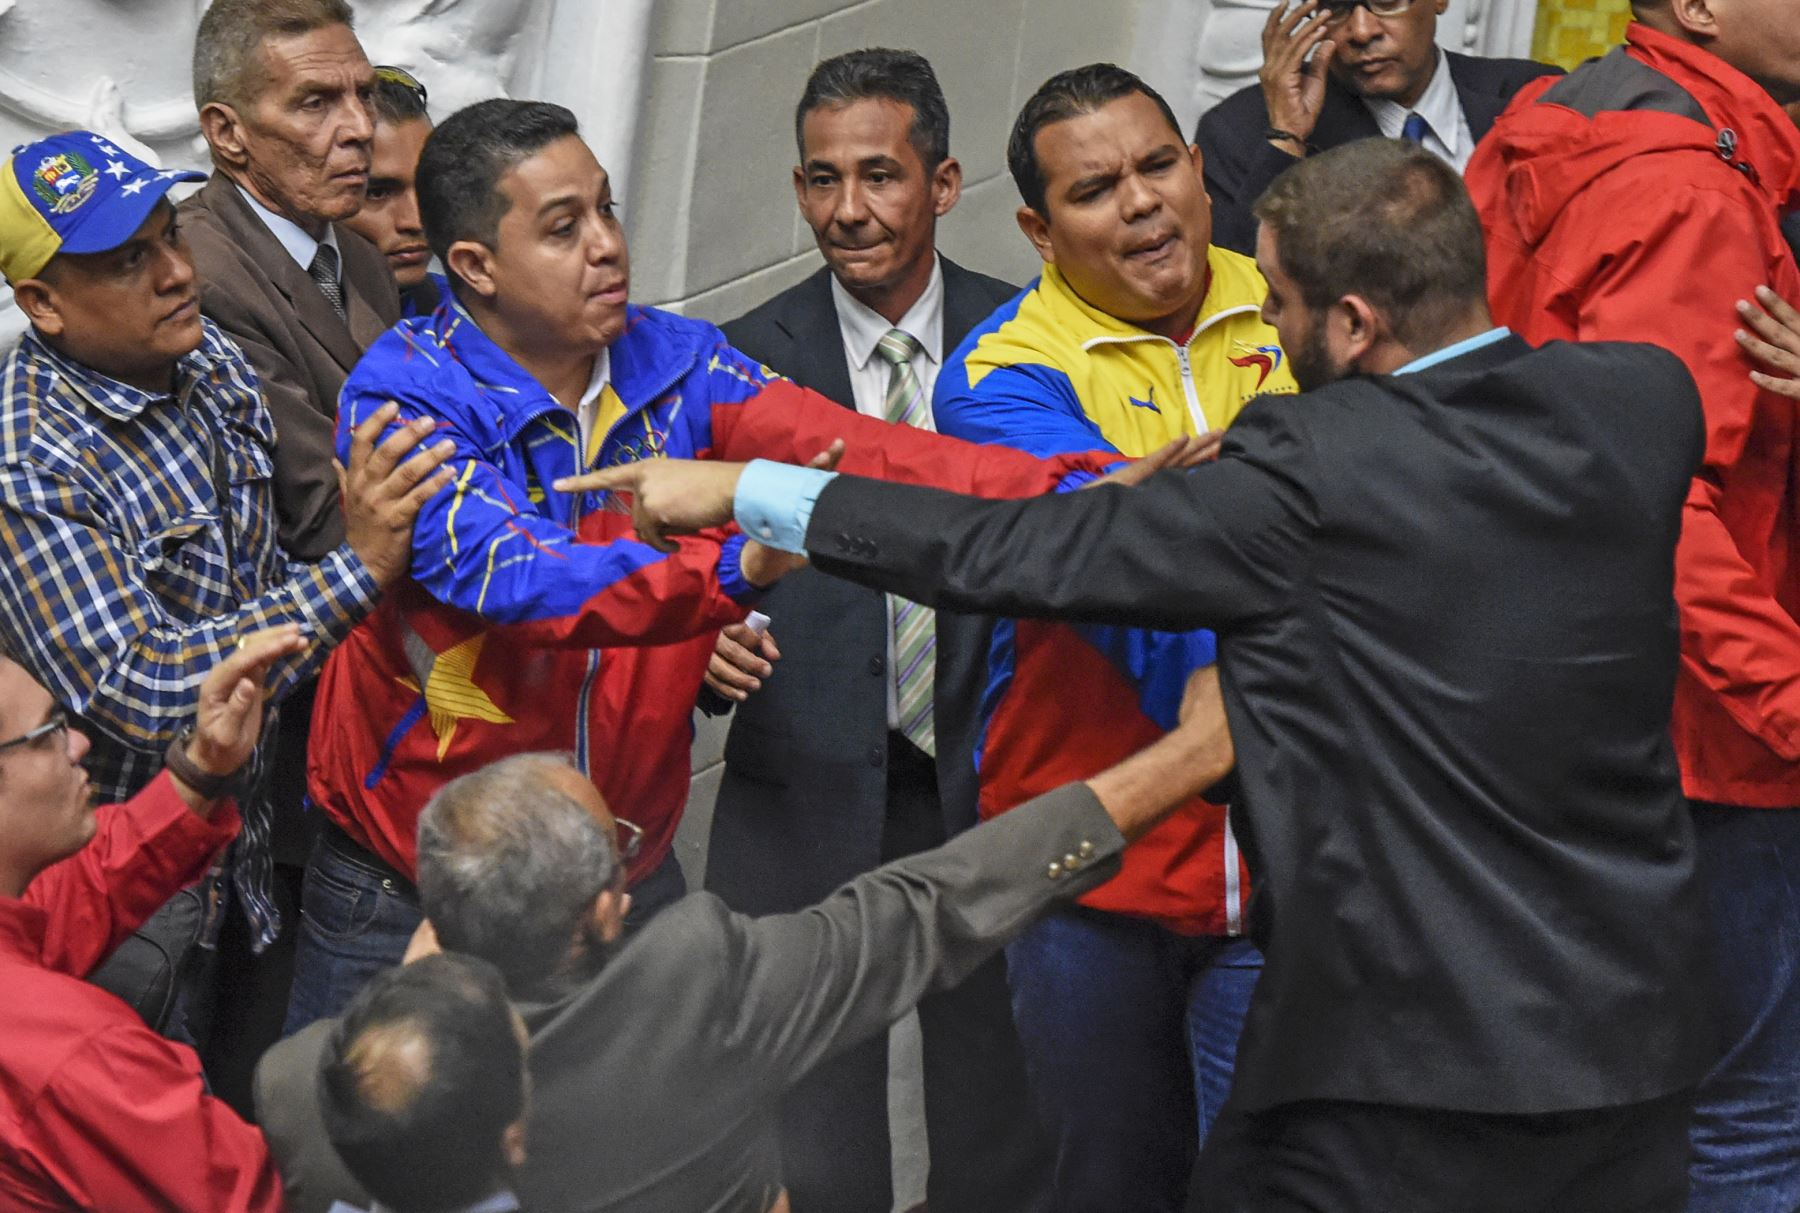 Diputados de la oposición pelean con representantes del gobierno durante una sesión especial de la Asamblea Nacional, en Caracas. Foto: AFP